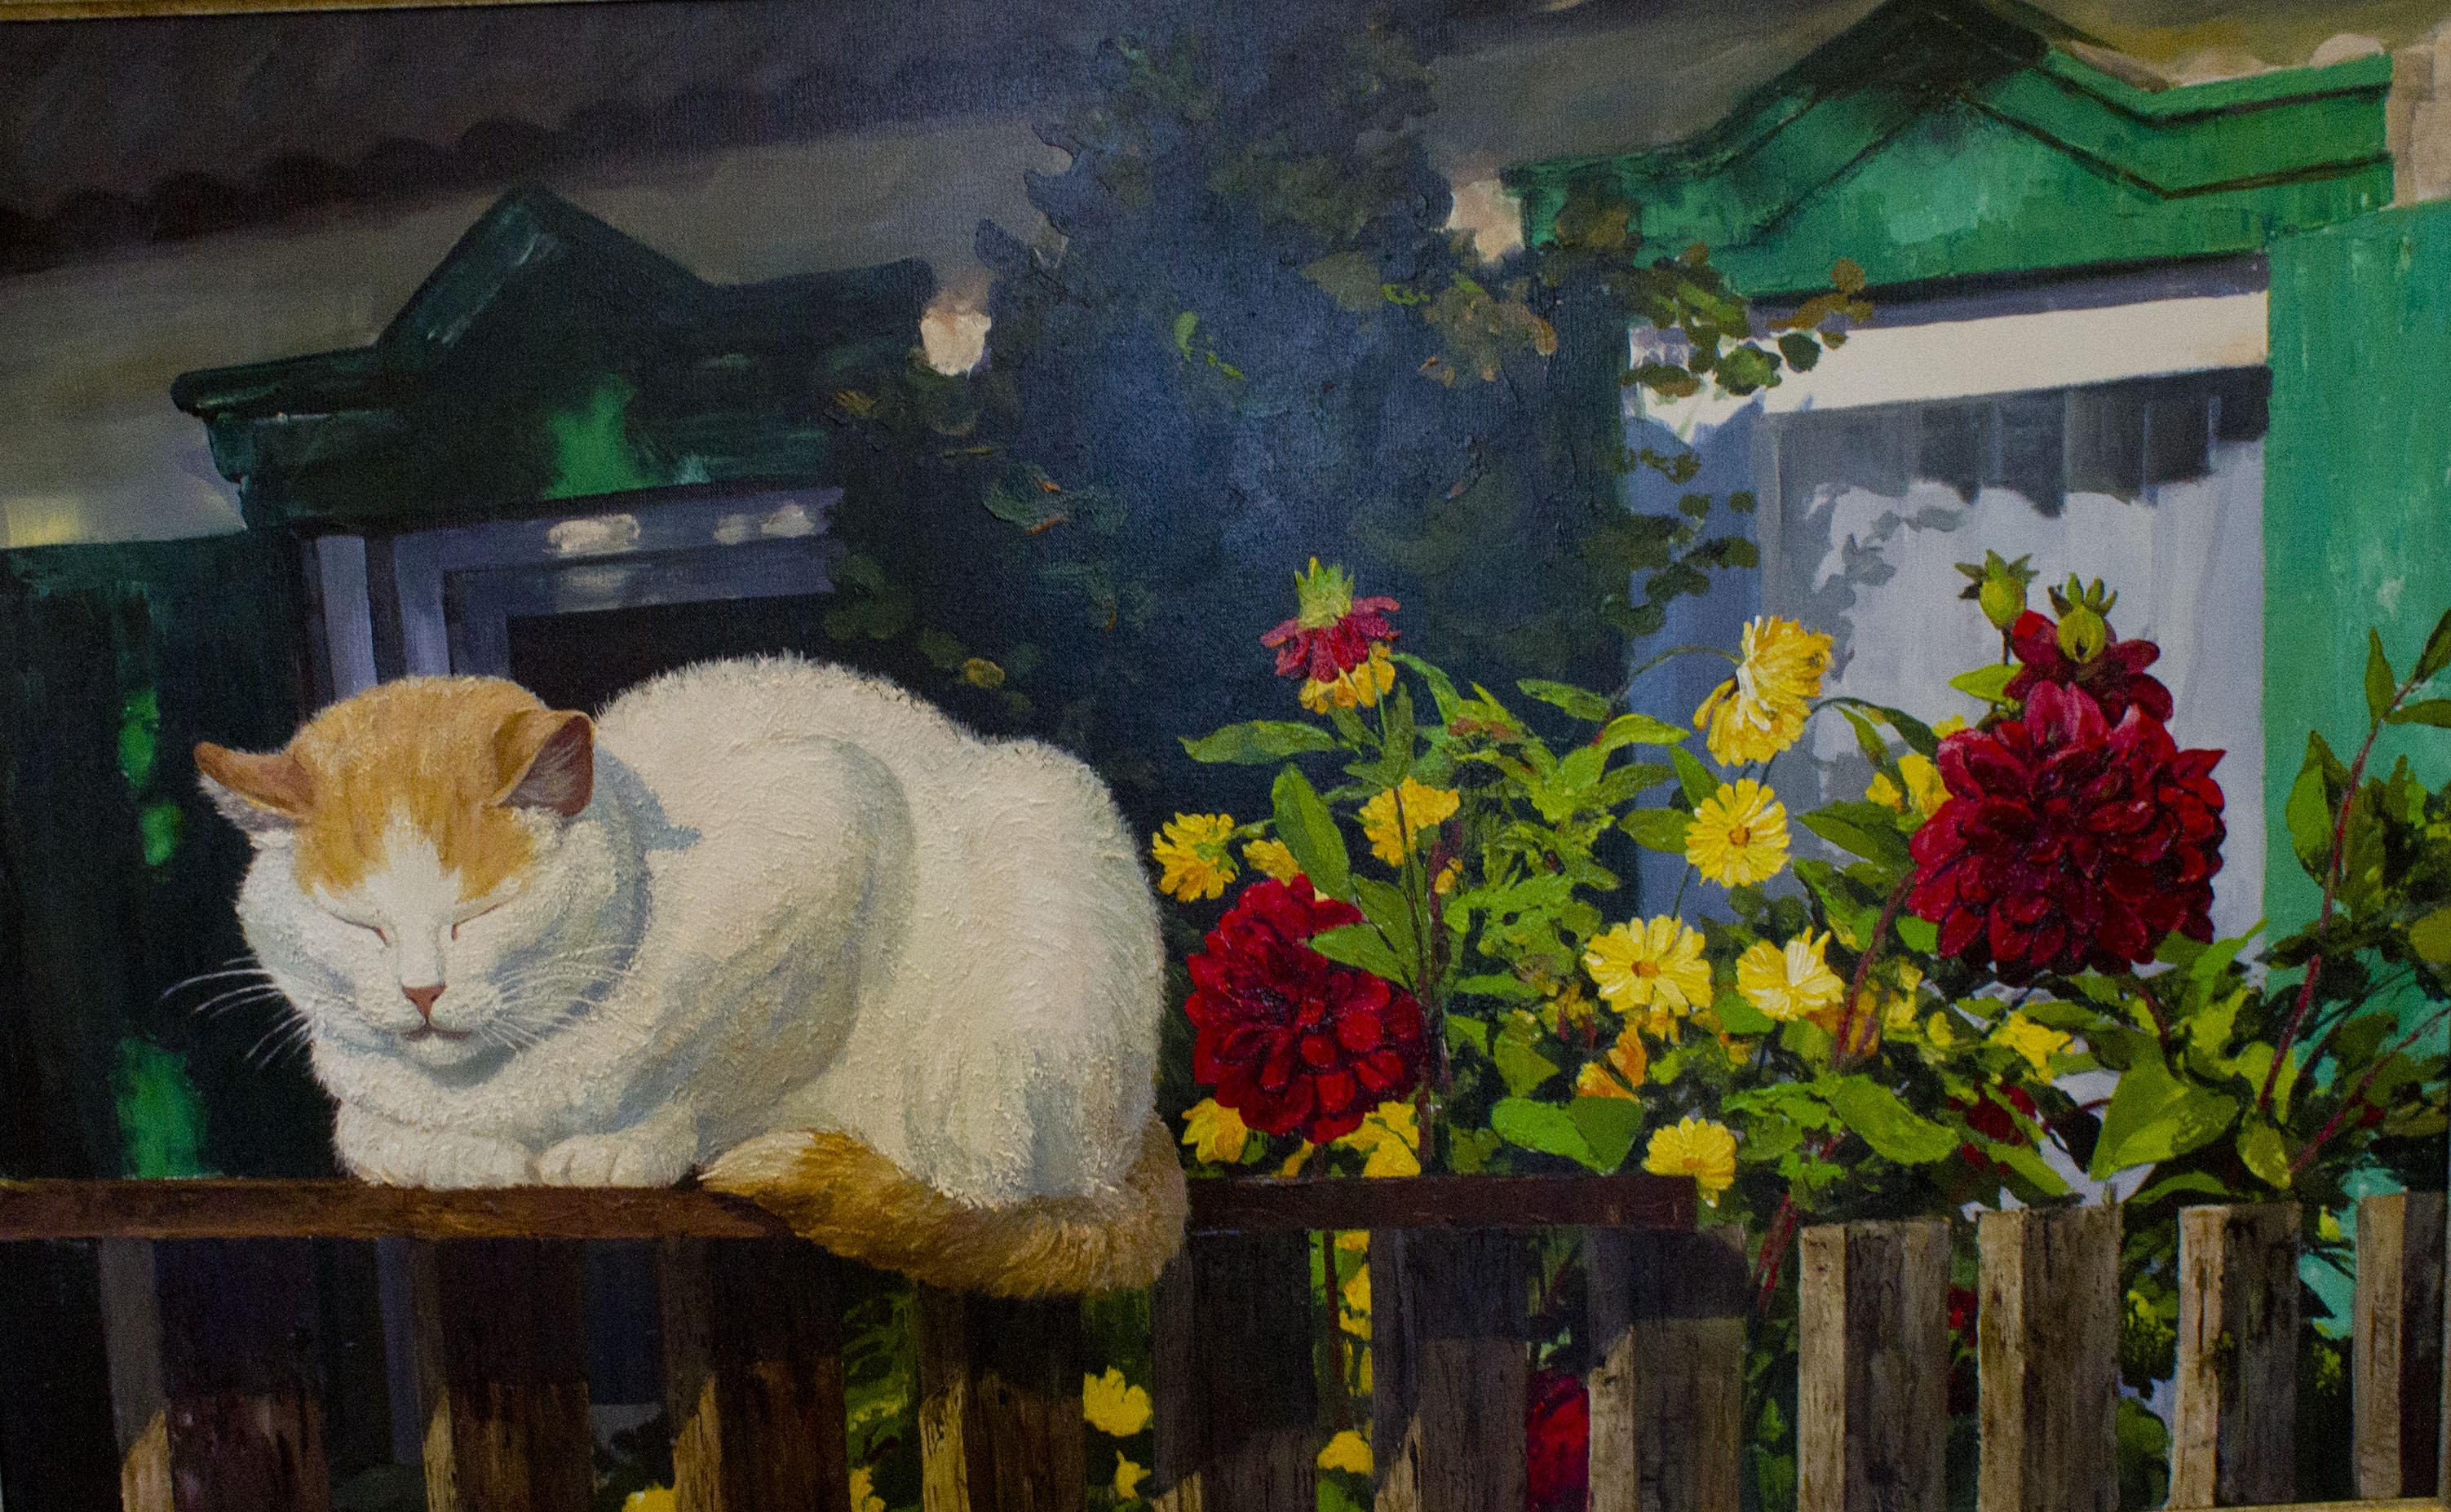 холст, масло. На картине изображен кот, задремавший на заборе у палисадника.